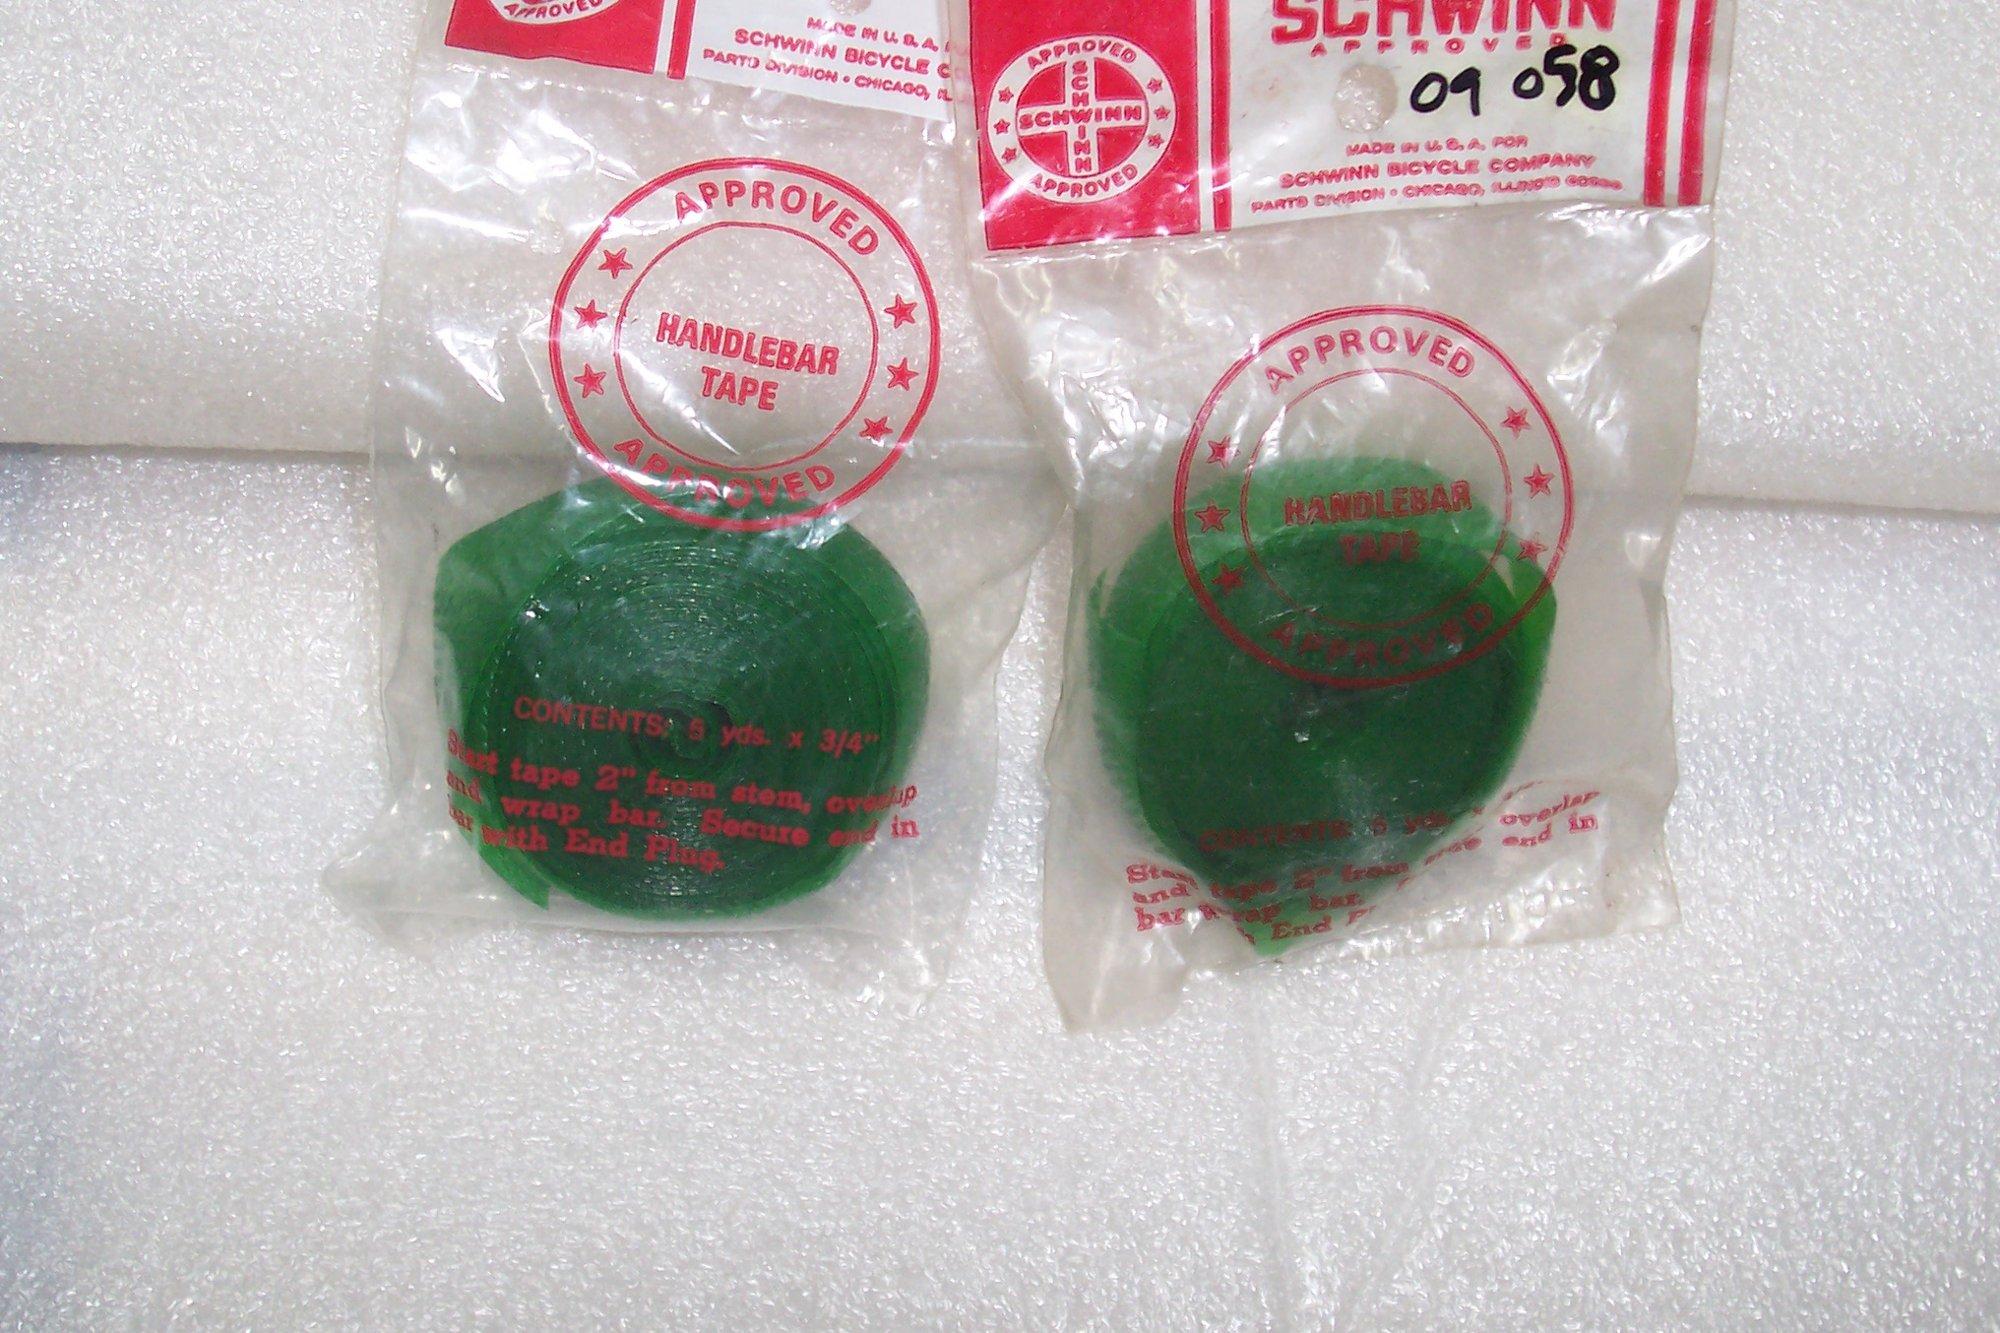 Schwinn Lime Tape 007.JPG